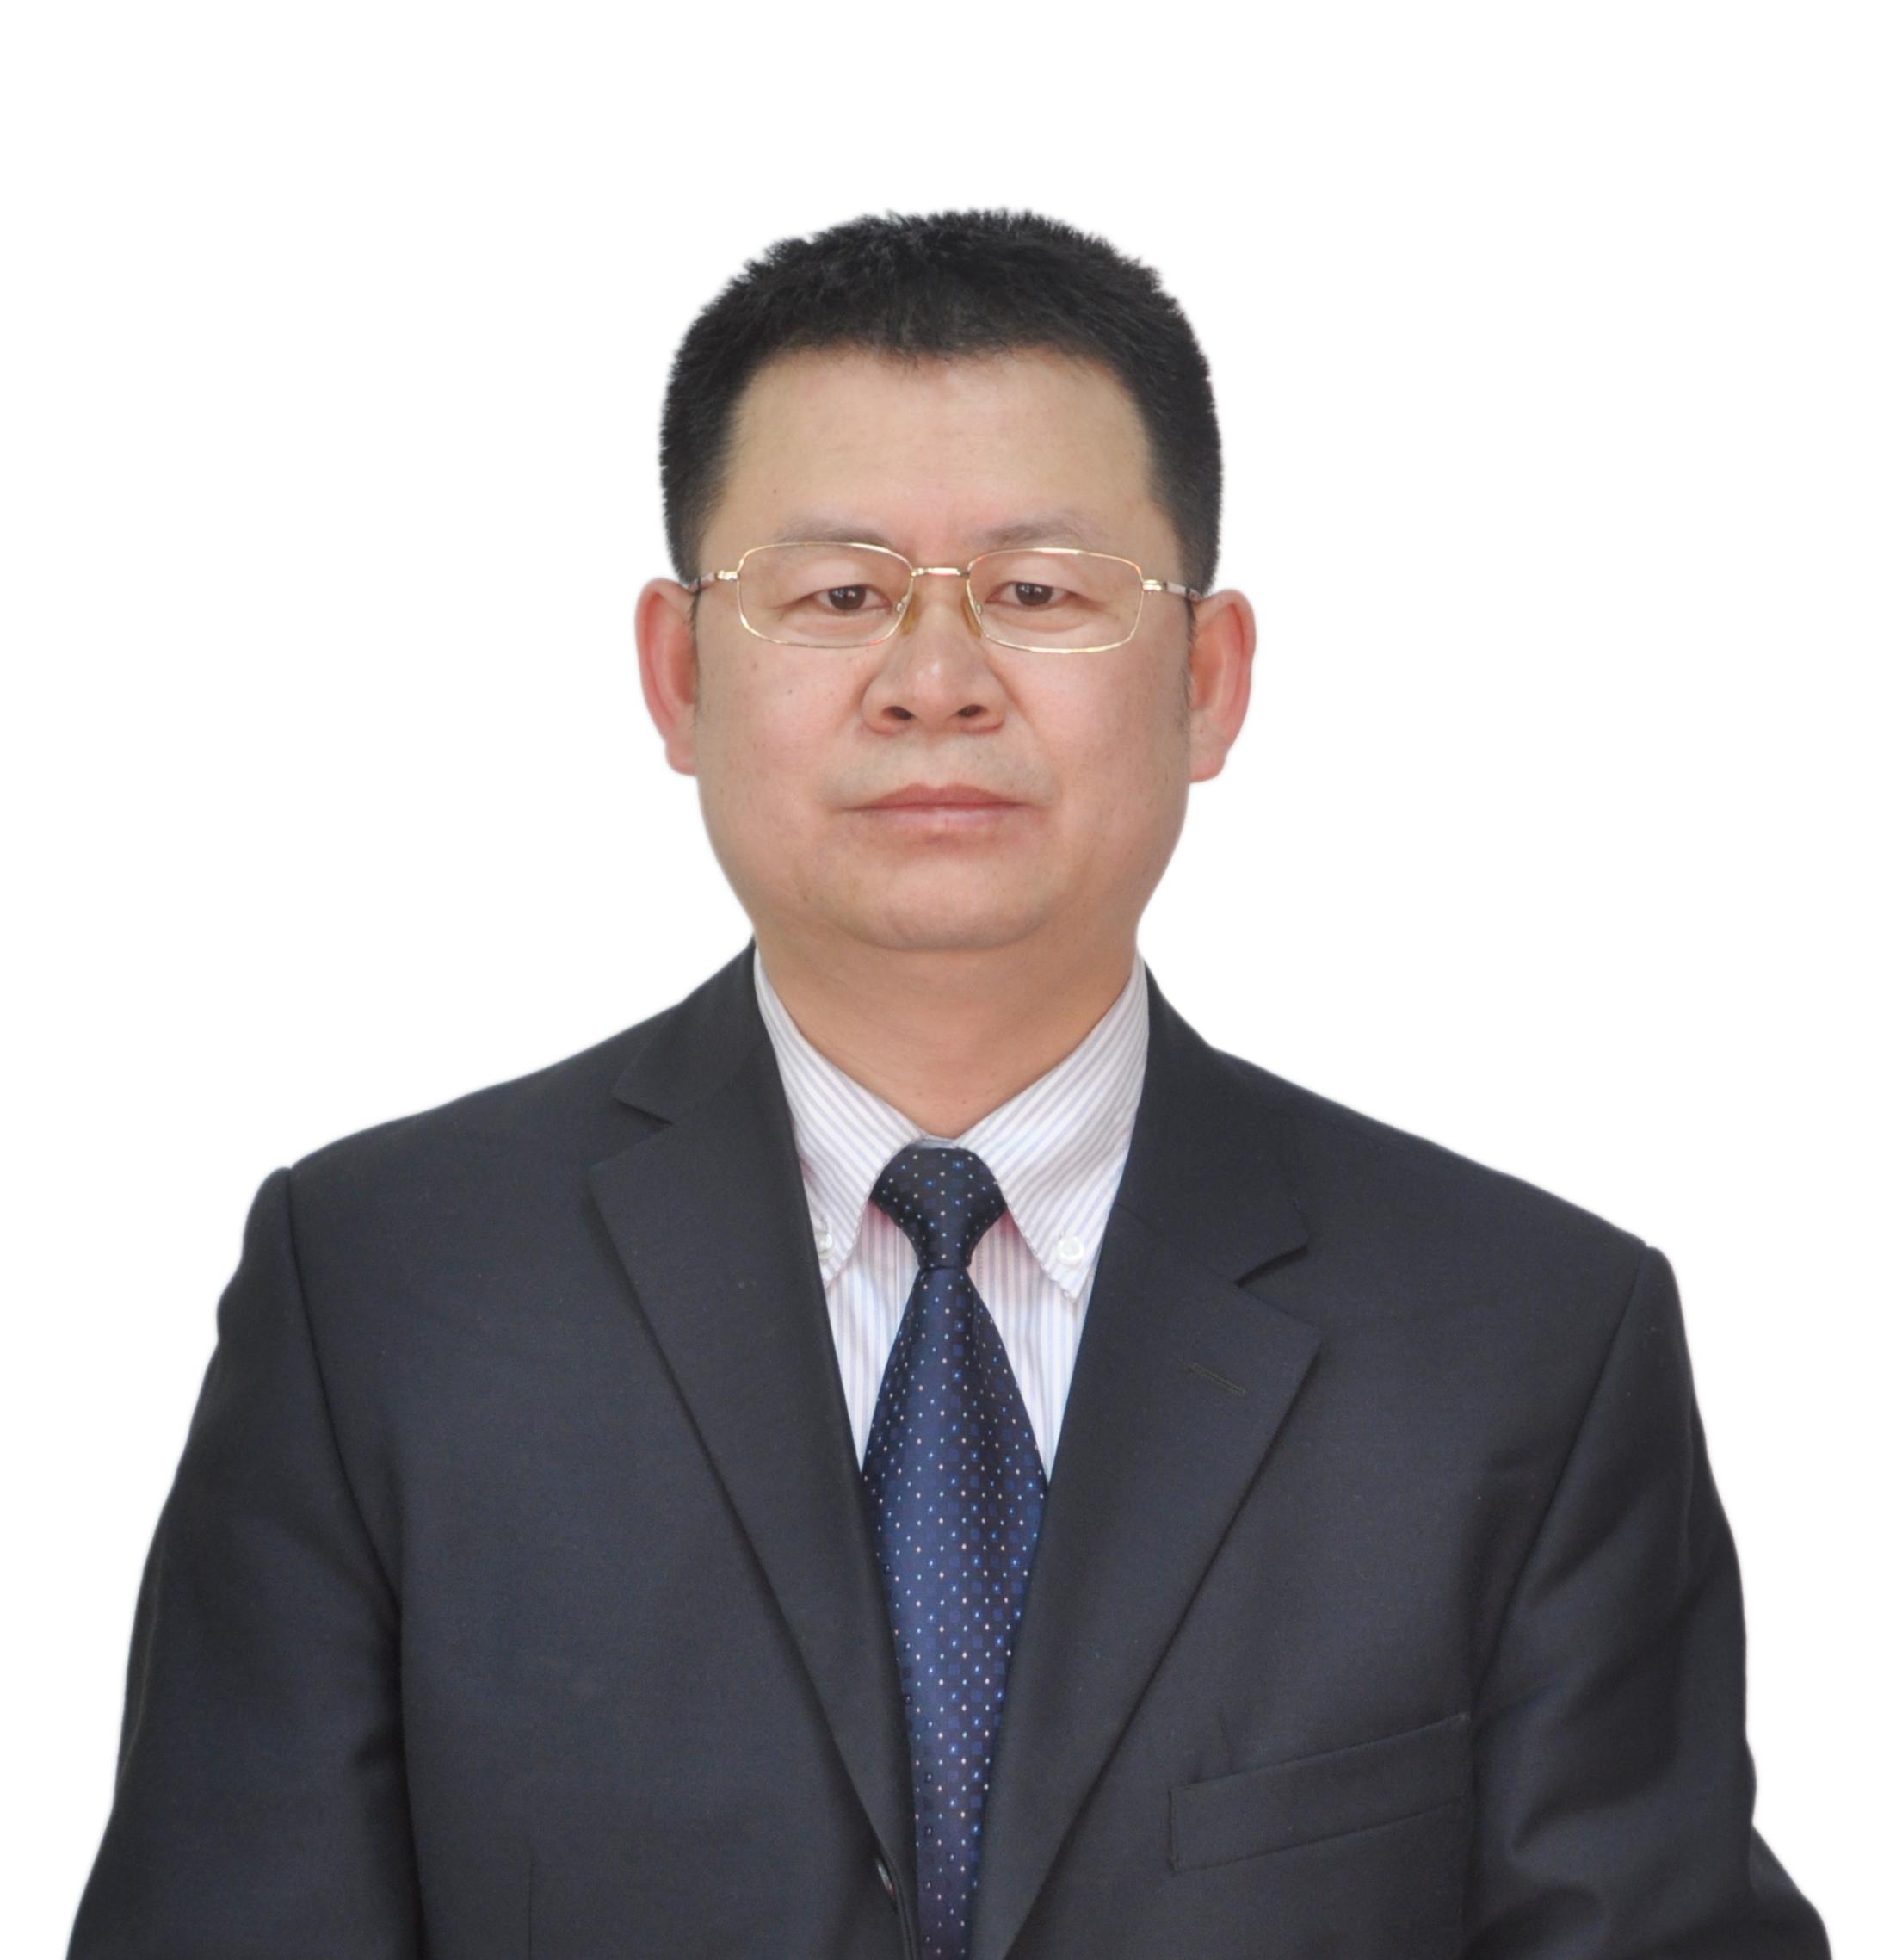 Photo Dr.He.JPG